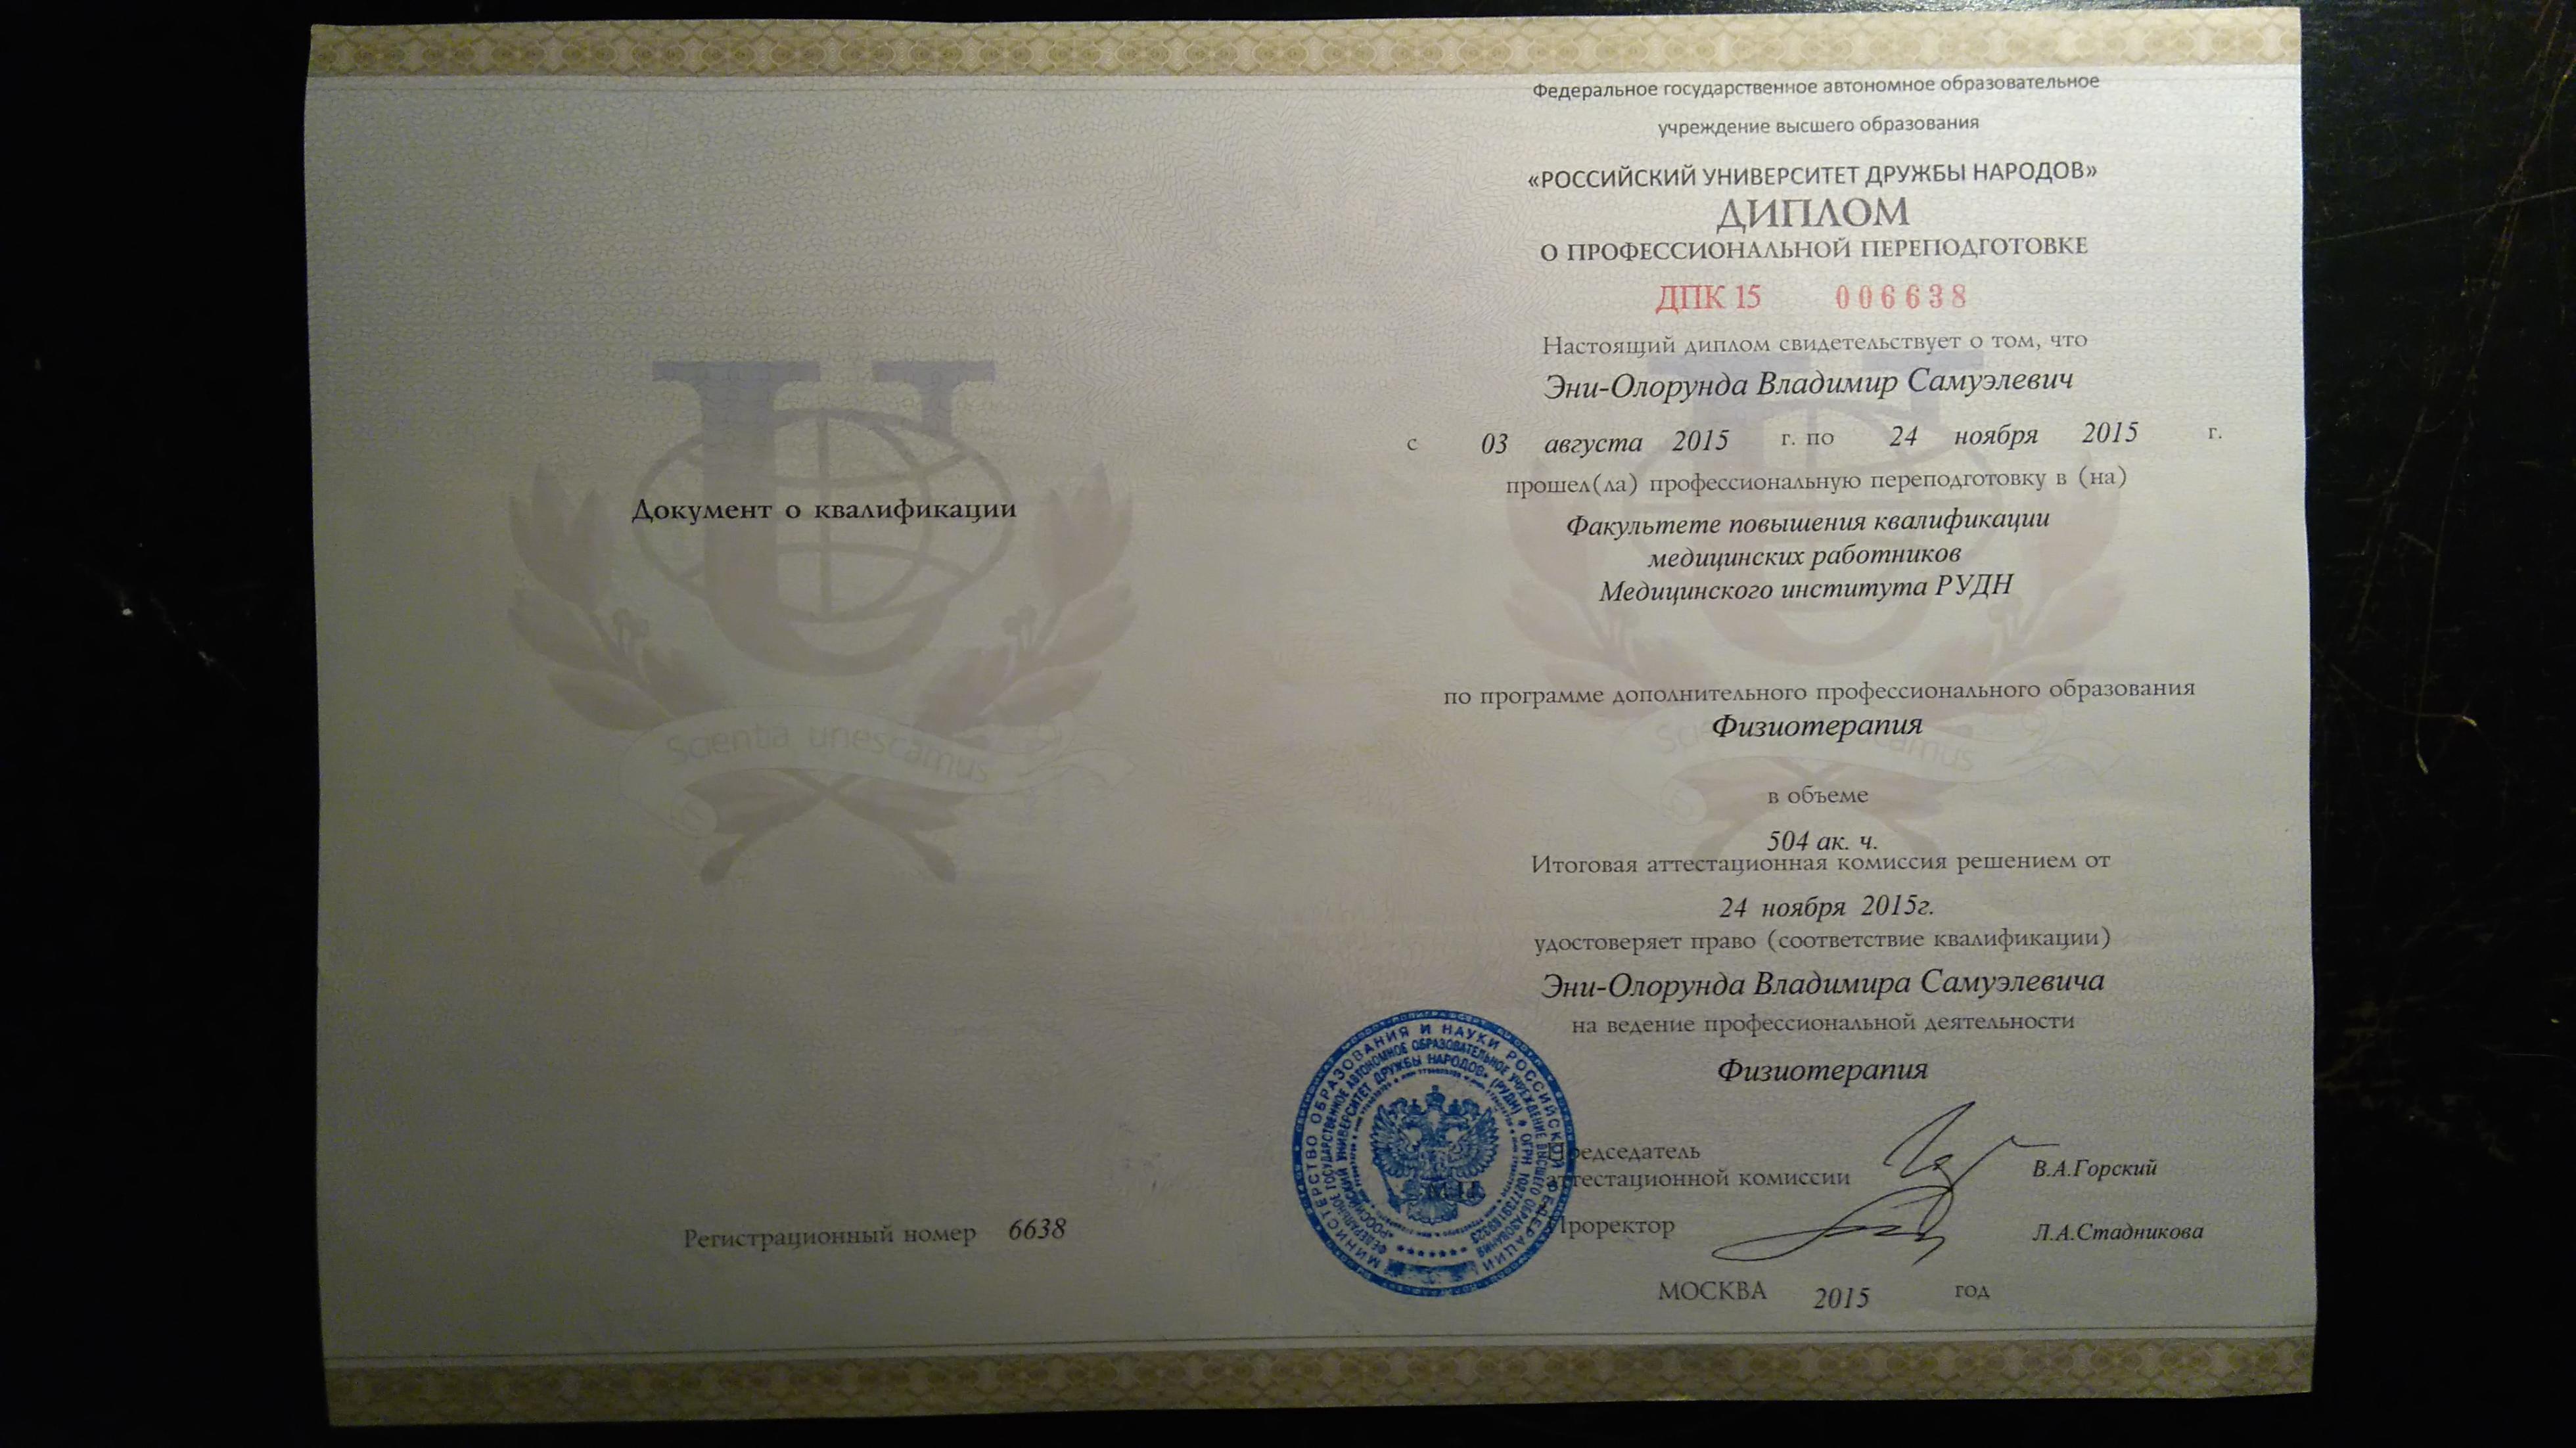 диплом физиотерапия